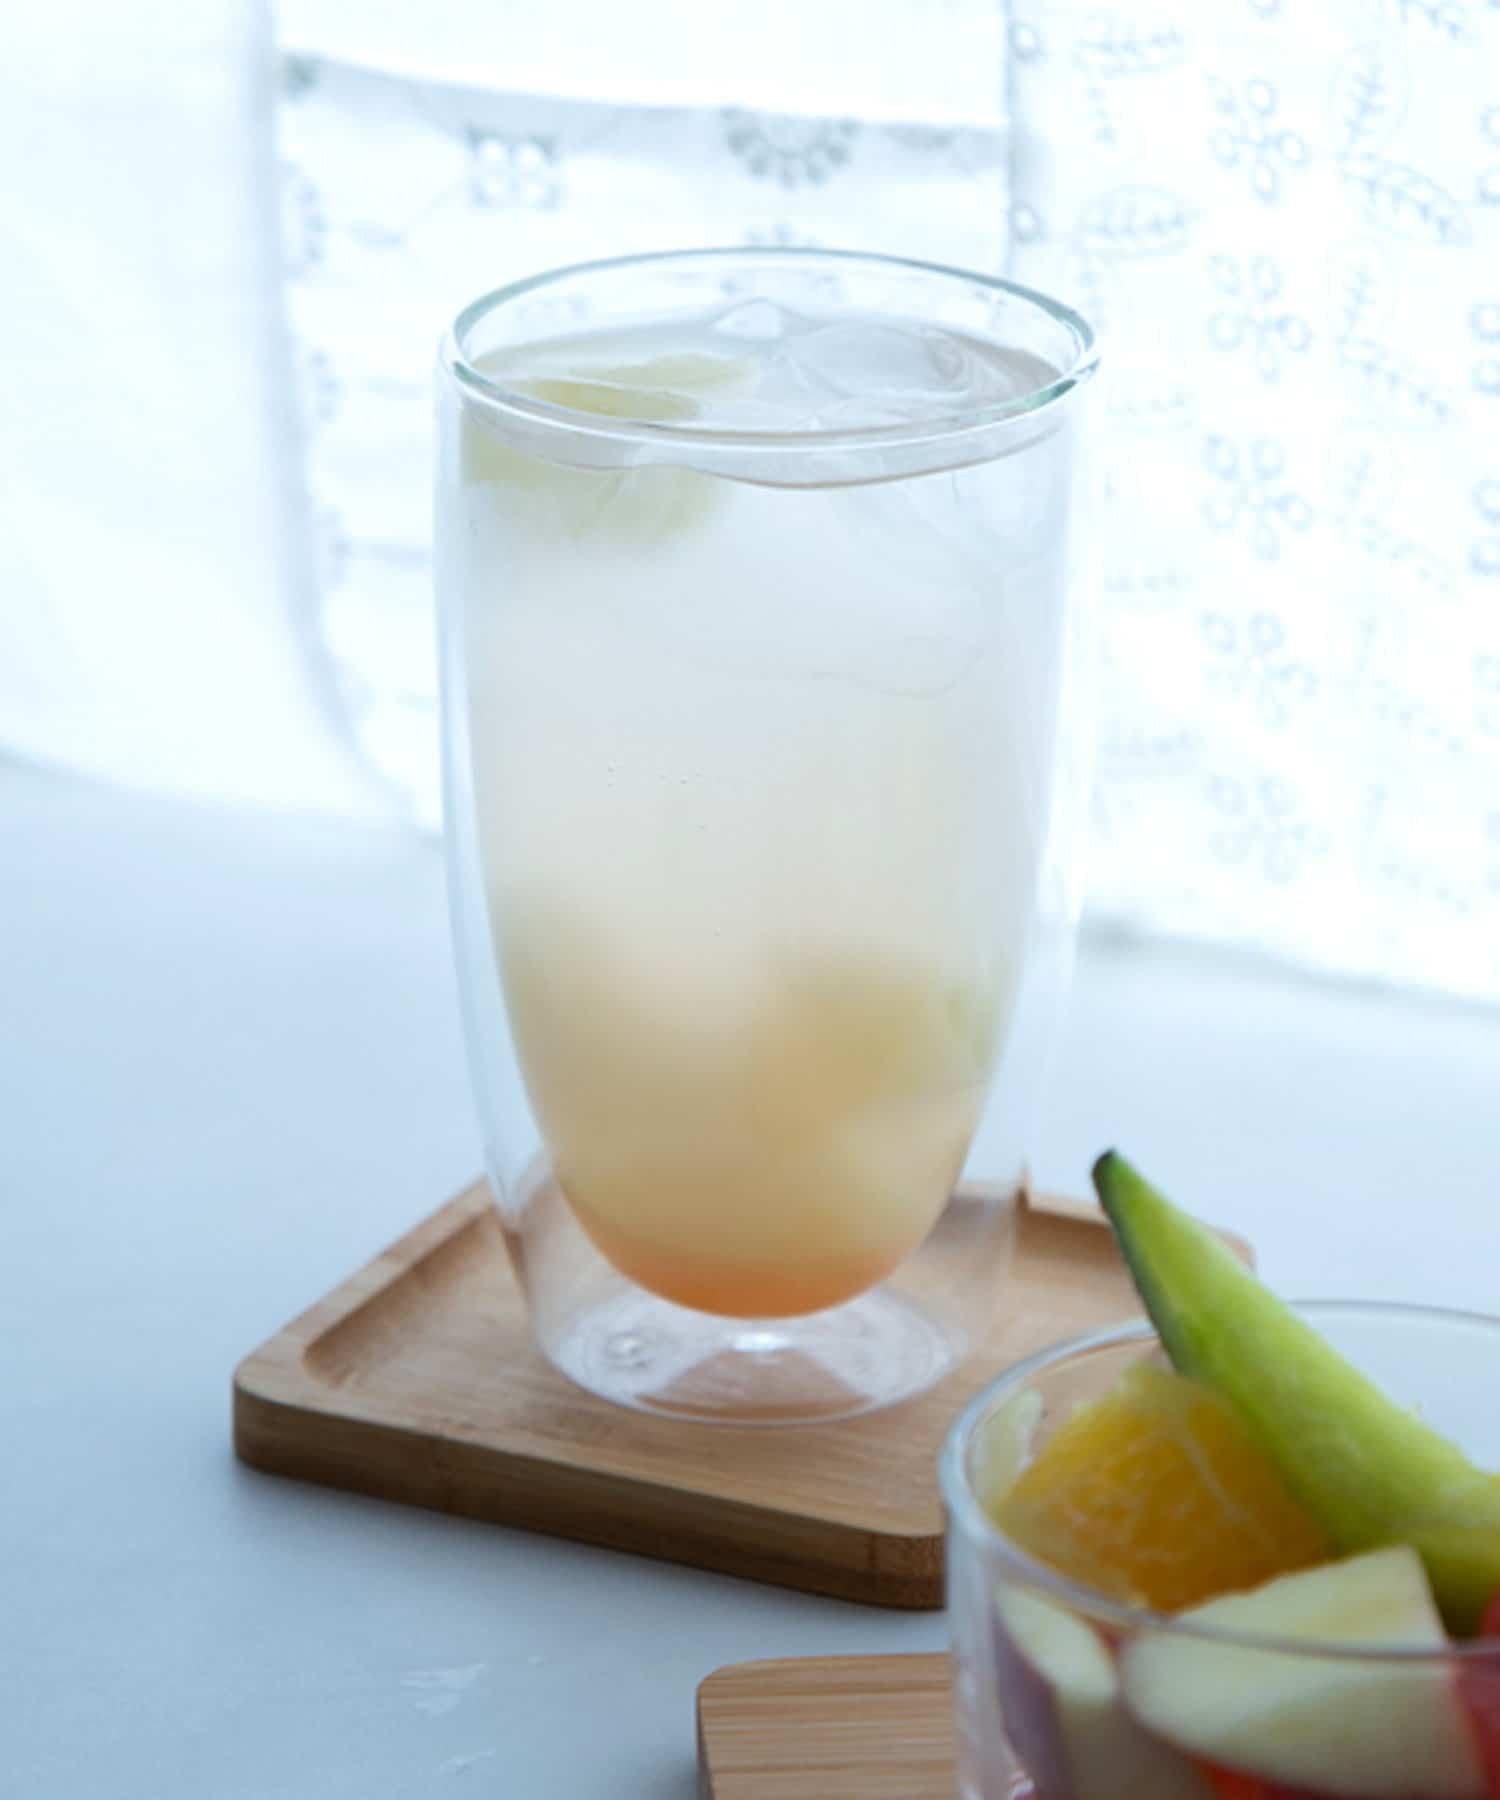 3COINS(スリーコインズ) 【季節を楽しむおうちカフェ】ダブルウォールグラス